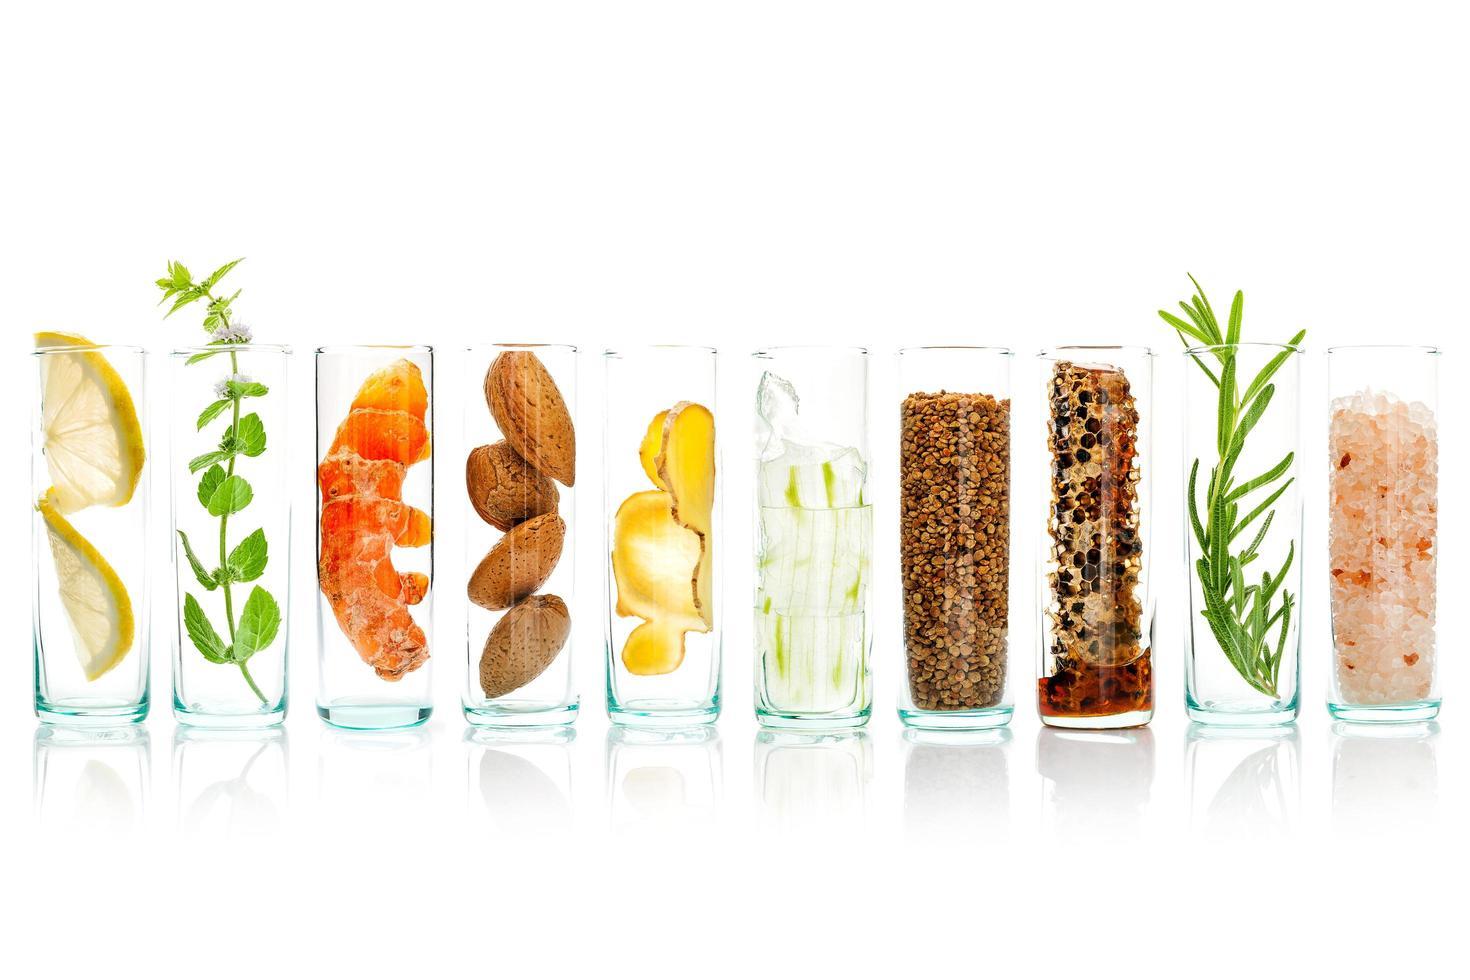 ingredientes naturales en frascos de vidrio foto